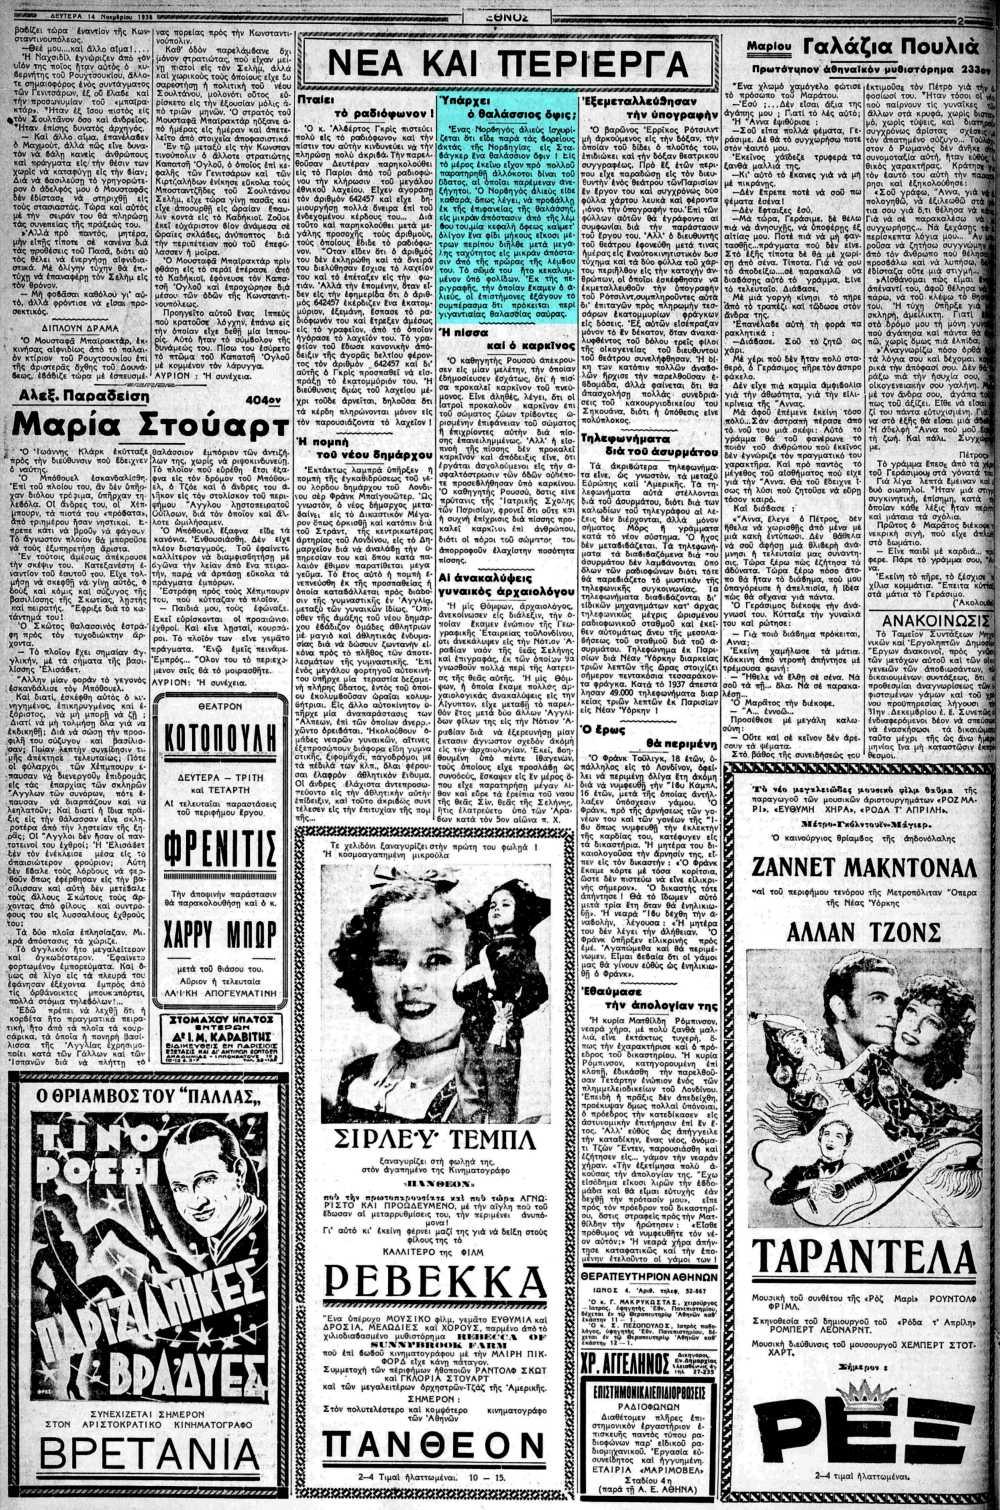 """Το άρθρο, όπως δημοσιεύθηκε στην εφημερίδα """"ΕΘΝΟΣ"""", στις 14/11/1938"""